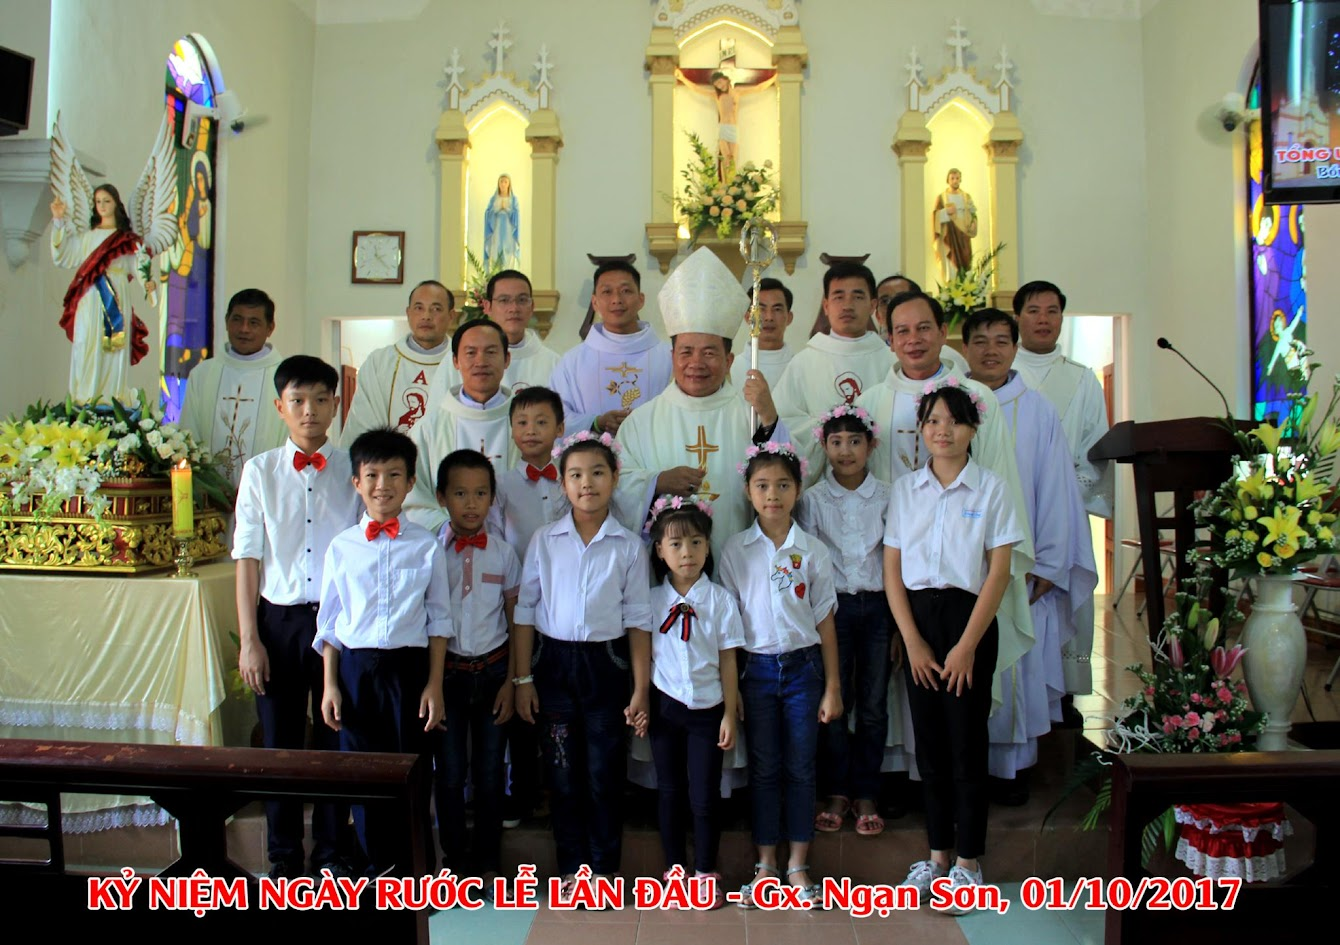 Giáo xứ Ngạn Sơn: Thánh lễ Bổn mạng và Làm phép Nhà mới - Ảnh minh hoạ 25